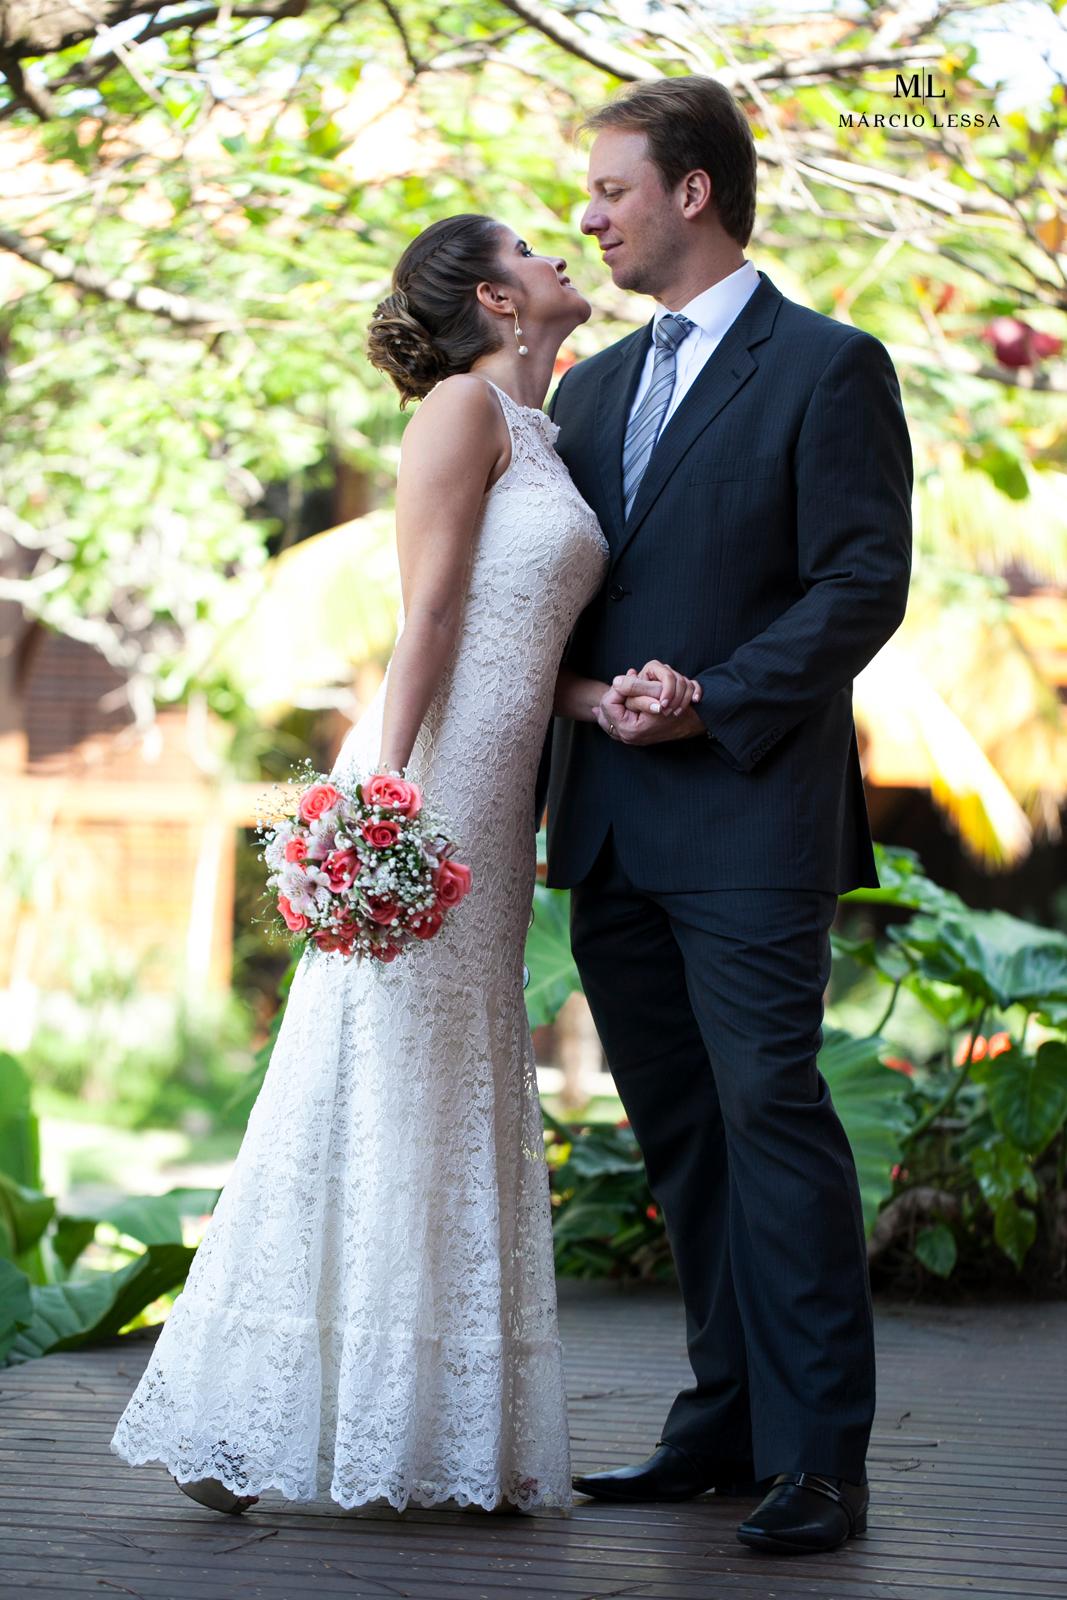 Beijos, mãos e abraços | Casamento Civil no Shopping Downtown na Barra da Tijuca RJ